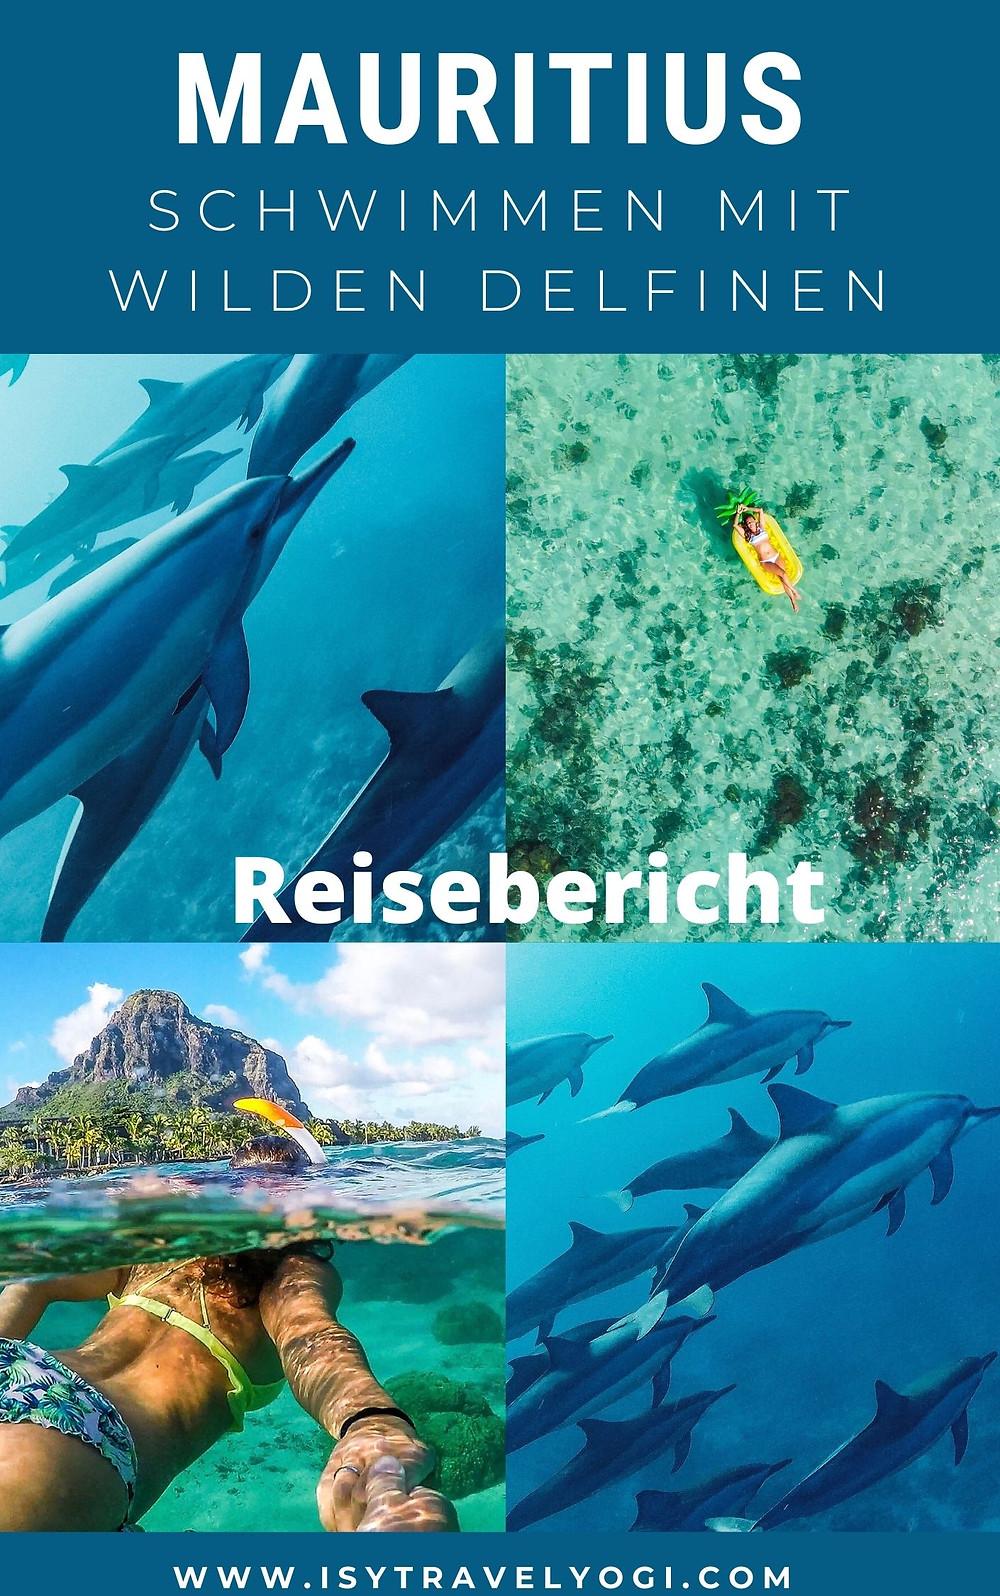 Mauritius-schwimmen-wilde-Delfine-Reisebericht-Erfahrungen